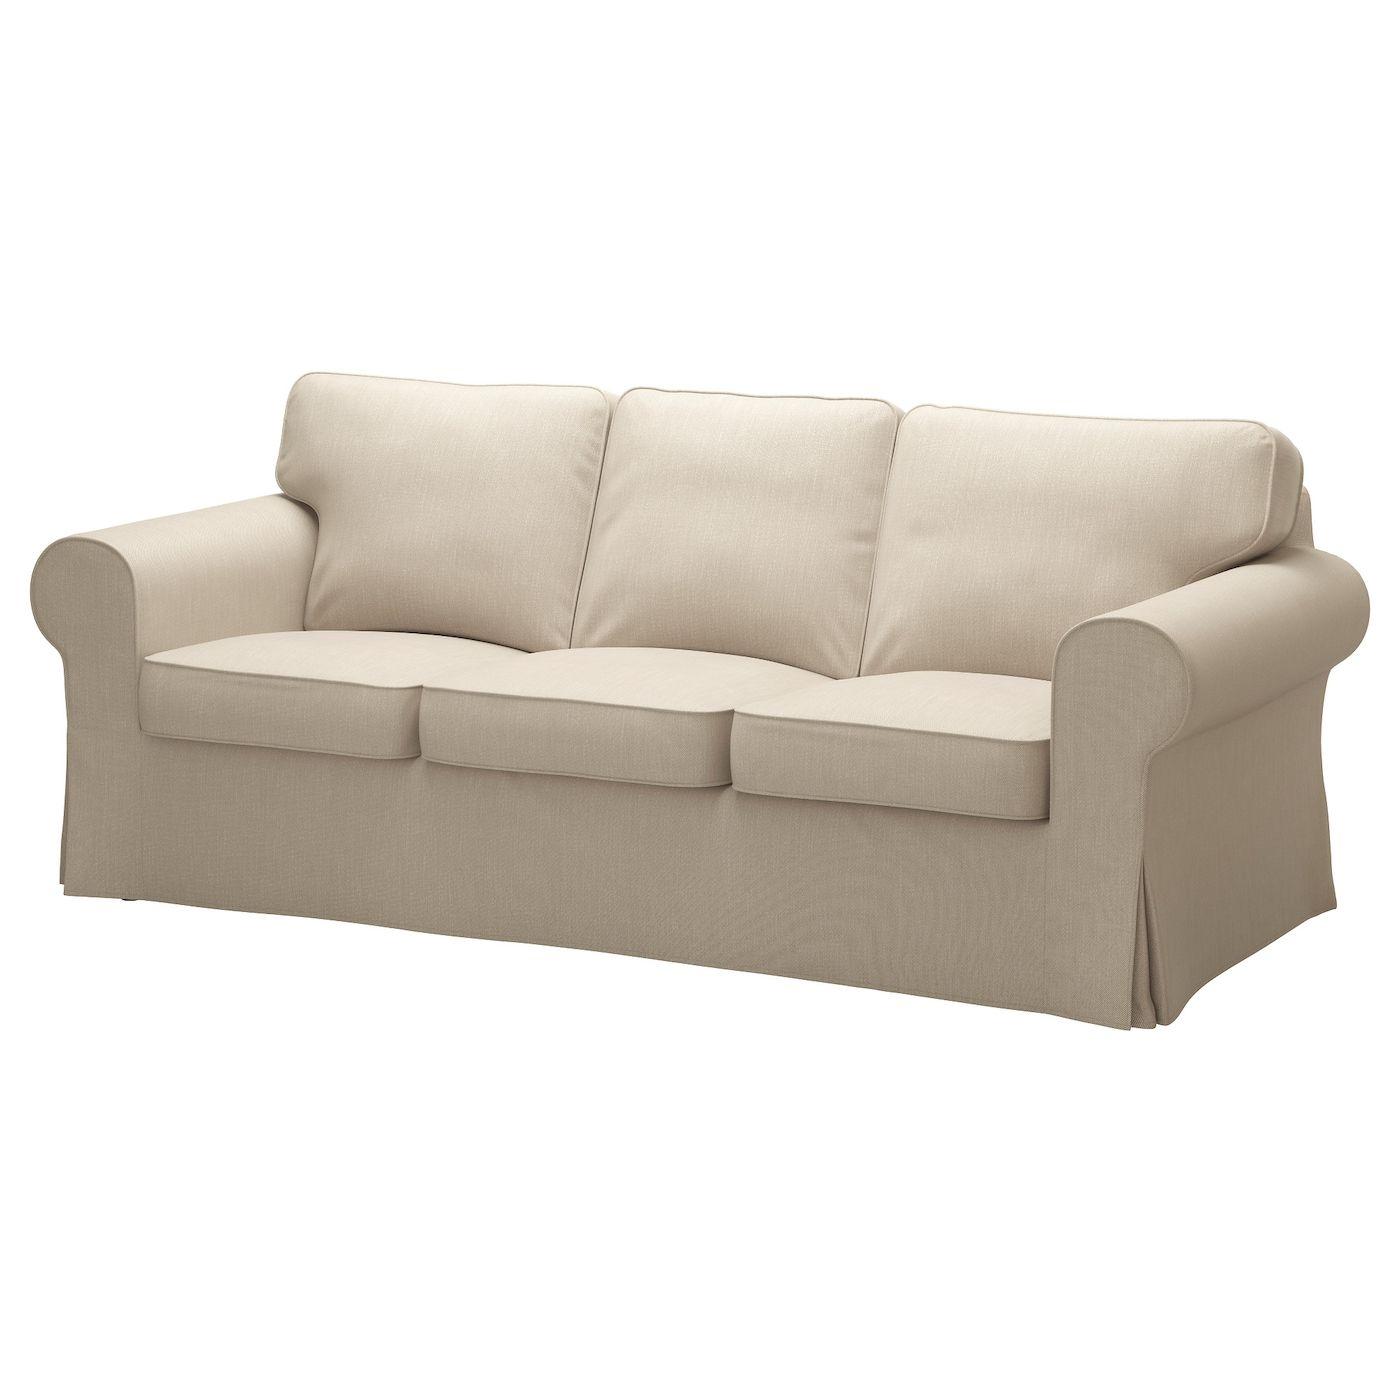 Ikea Ektorp Sofa Nordvalla Dark Beige In 2020 Ektorp Sofa Ektorp Sofa Cover Three Seat Sofa